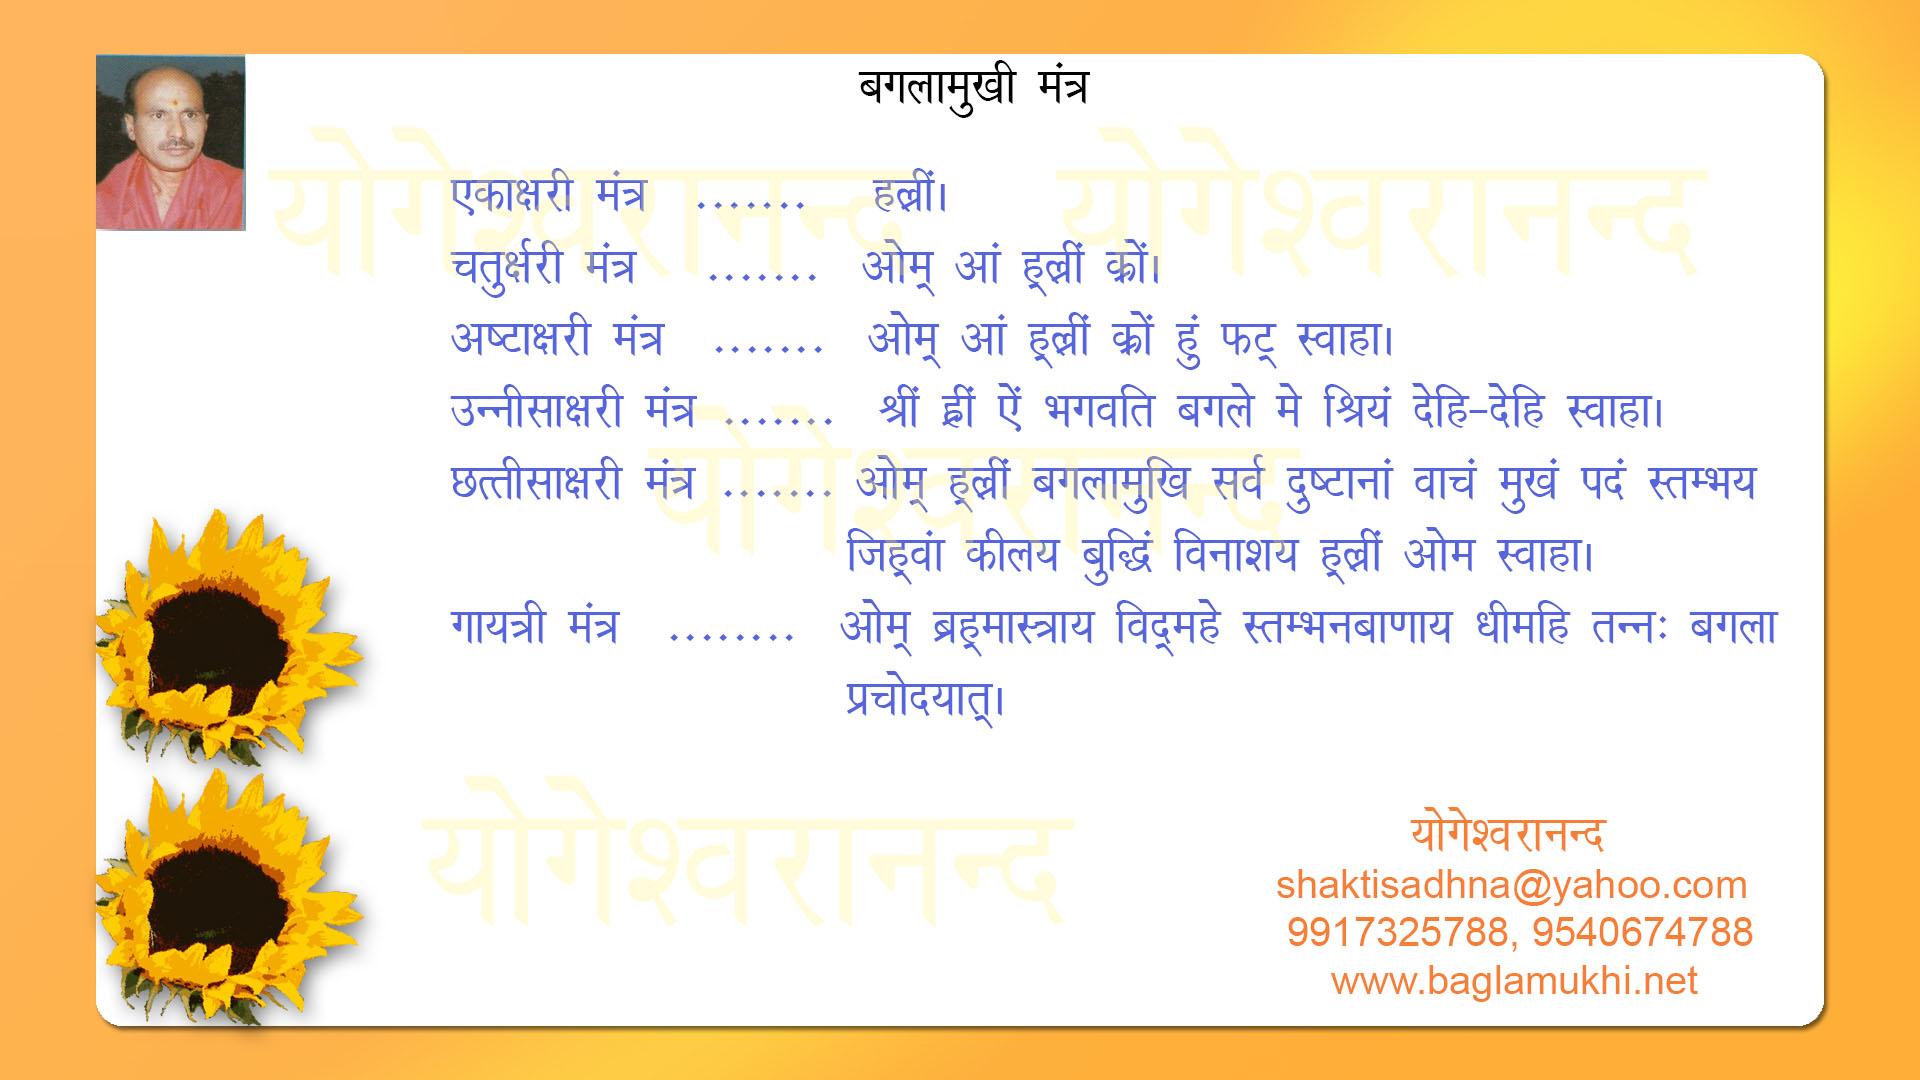 Baglamukhi Mantra Chanting Benefits | Mahavidya Shri